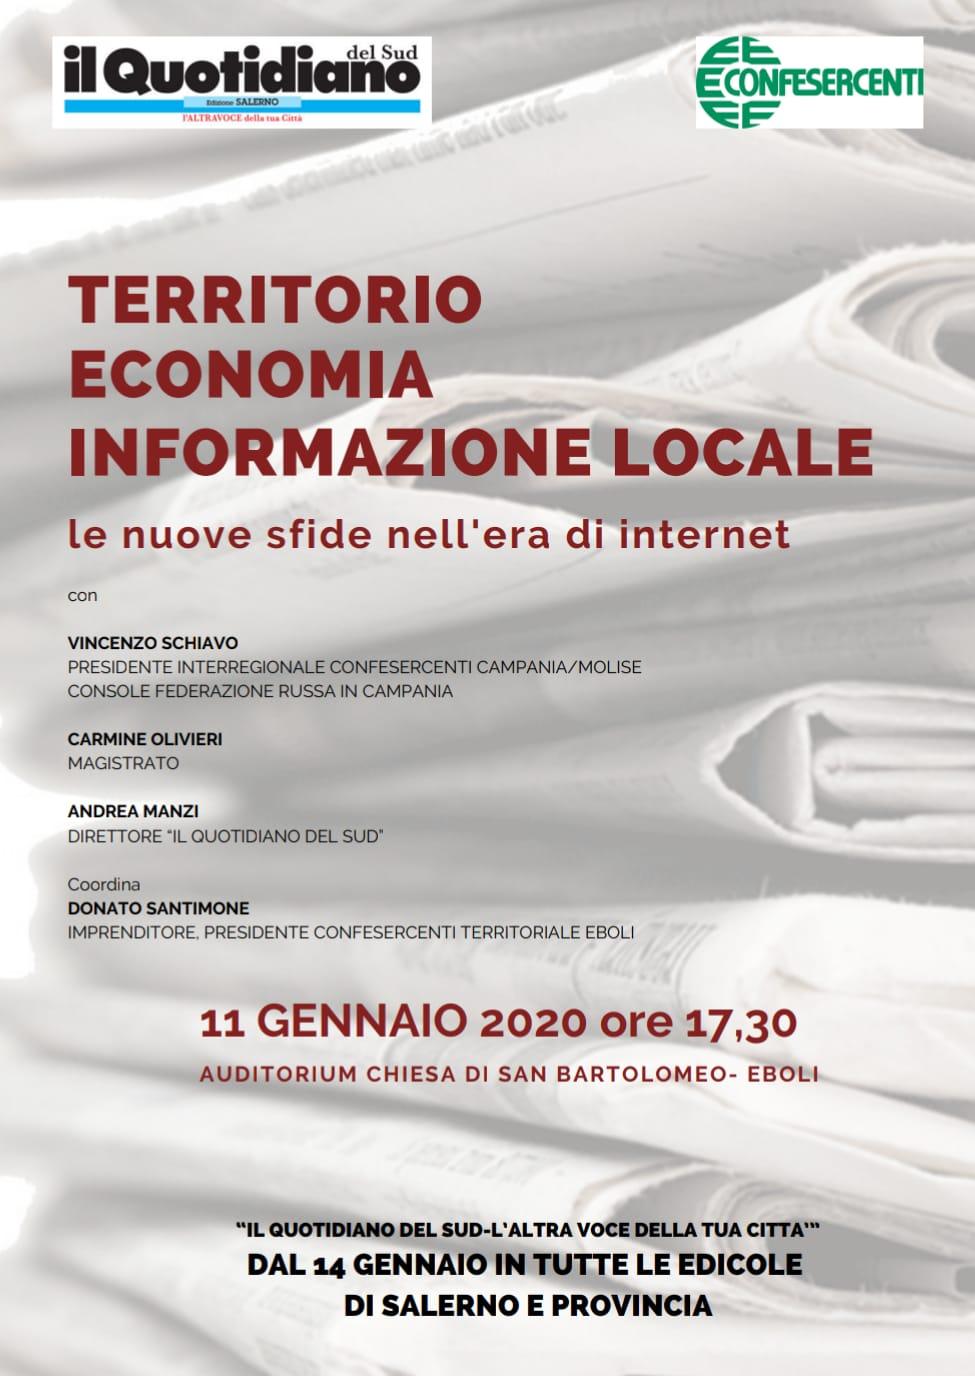 Il_Quotidiano_del_Sud_Territorio_Economia_Informazione